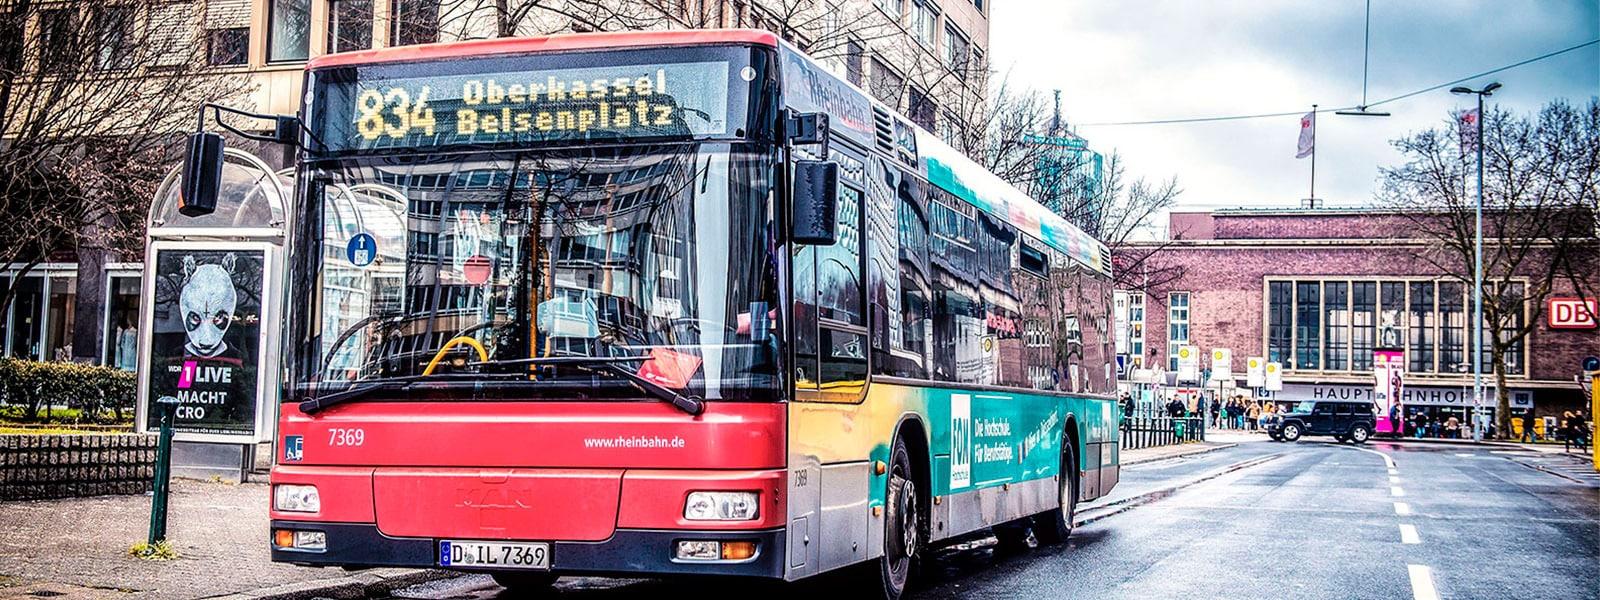 Dortmund-Buswerbung-Teilgestaltung